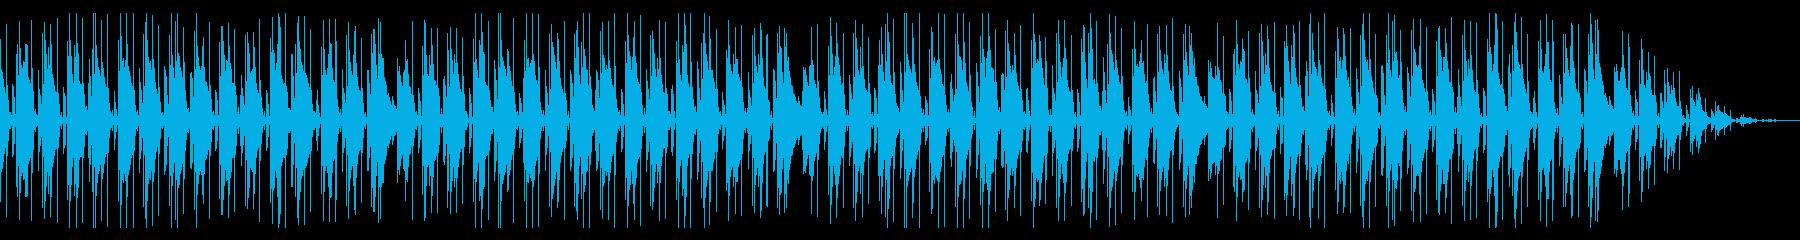 ほのぼの youtube 商品解説 開封の再生済みの波形